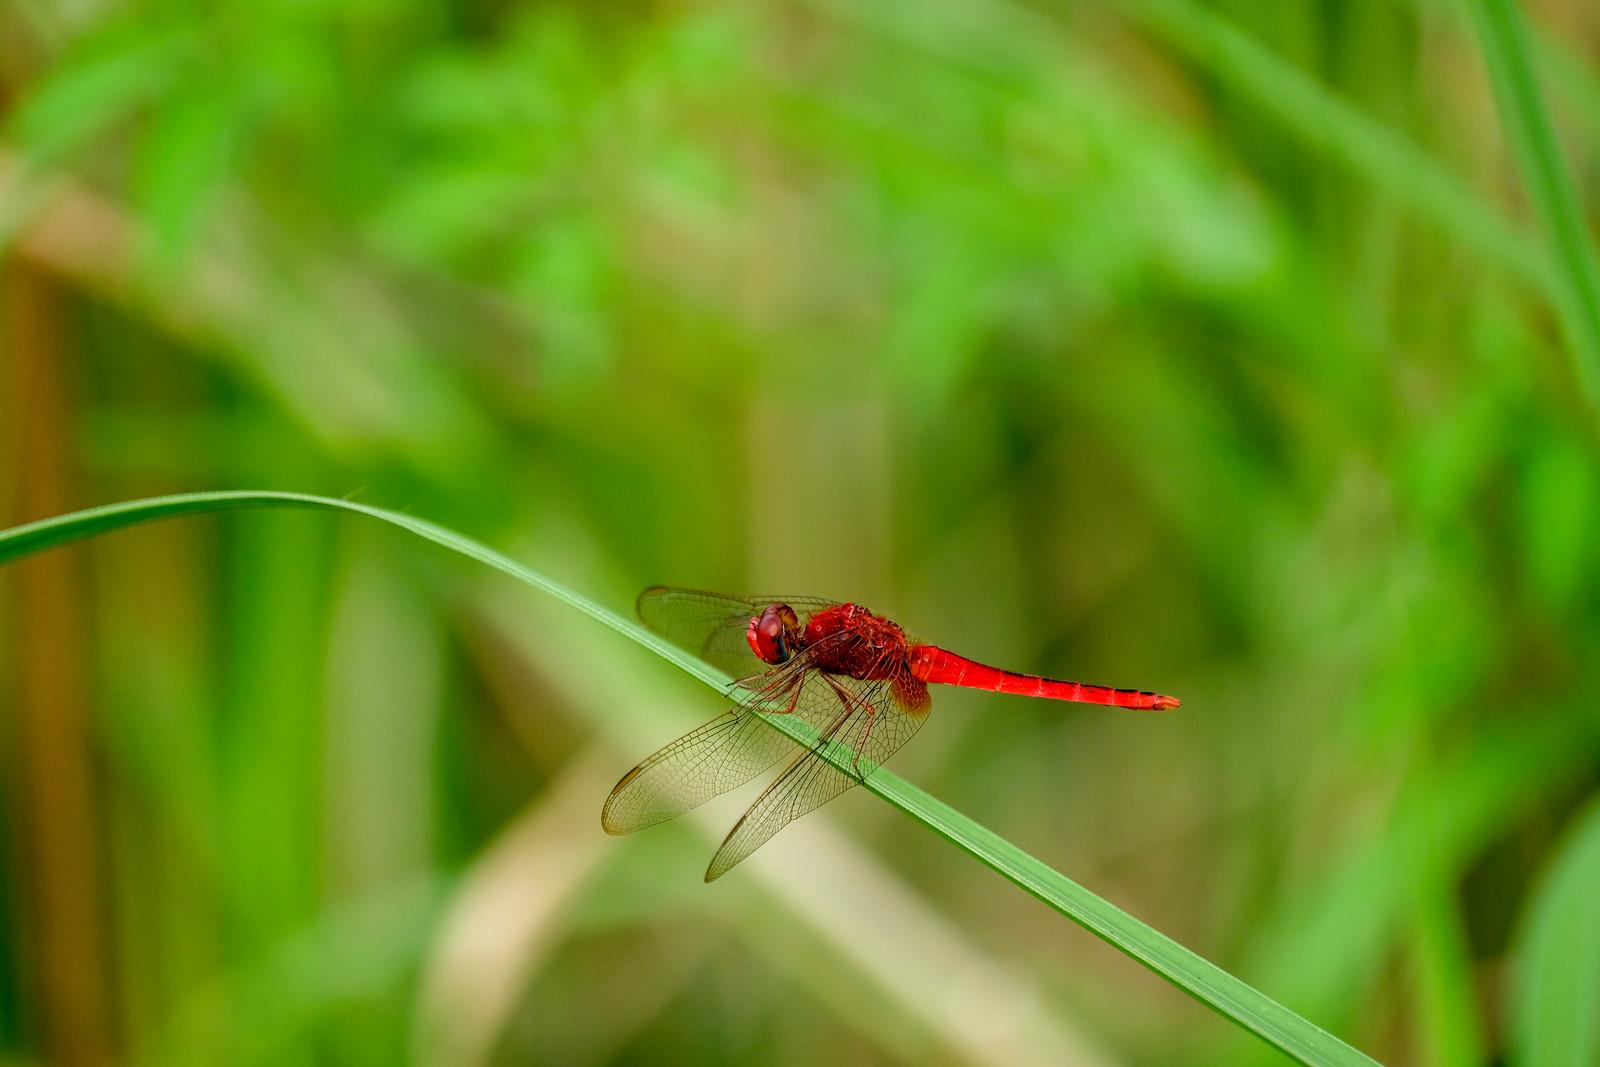 Common_Scarlet_rocothemis Servilia (猩紅蜻蜓)_DSCF6016